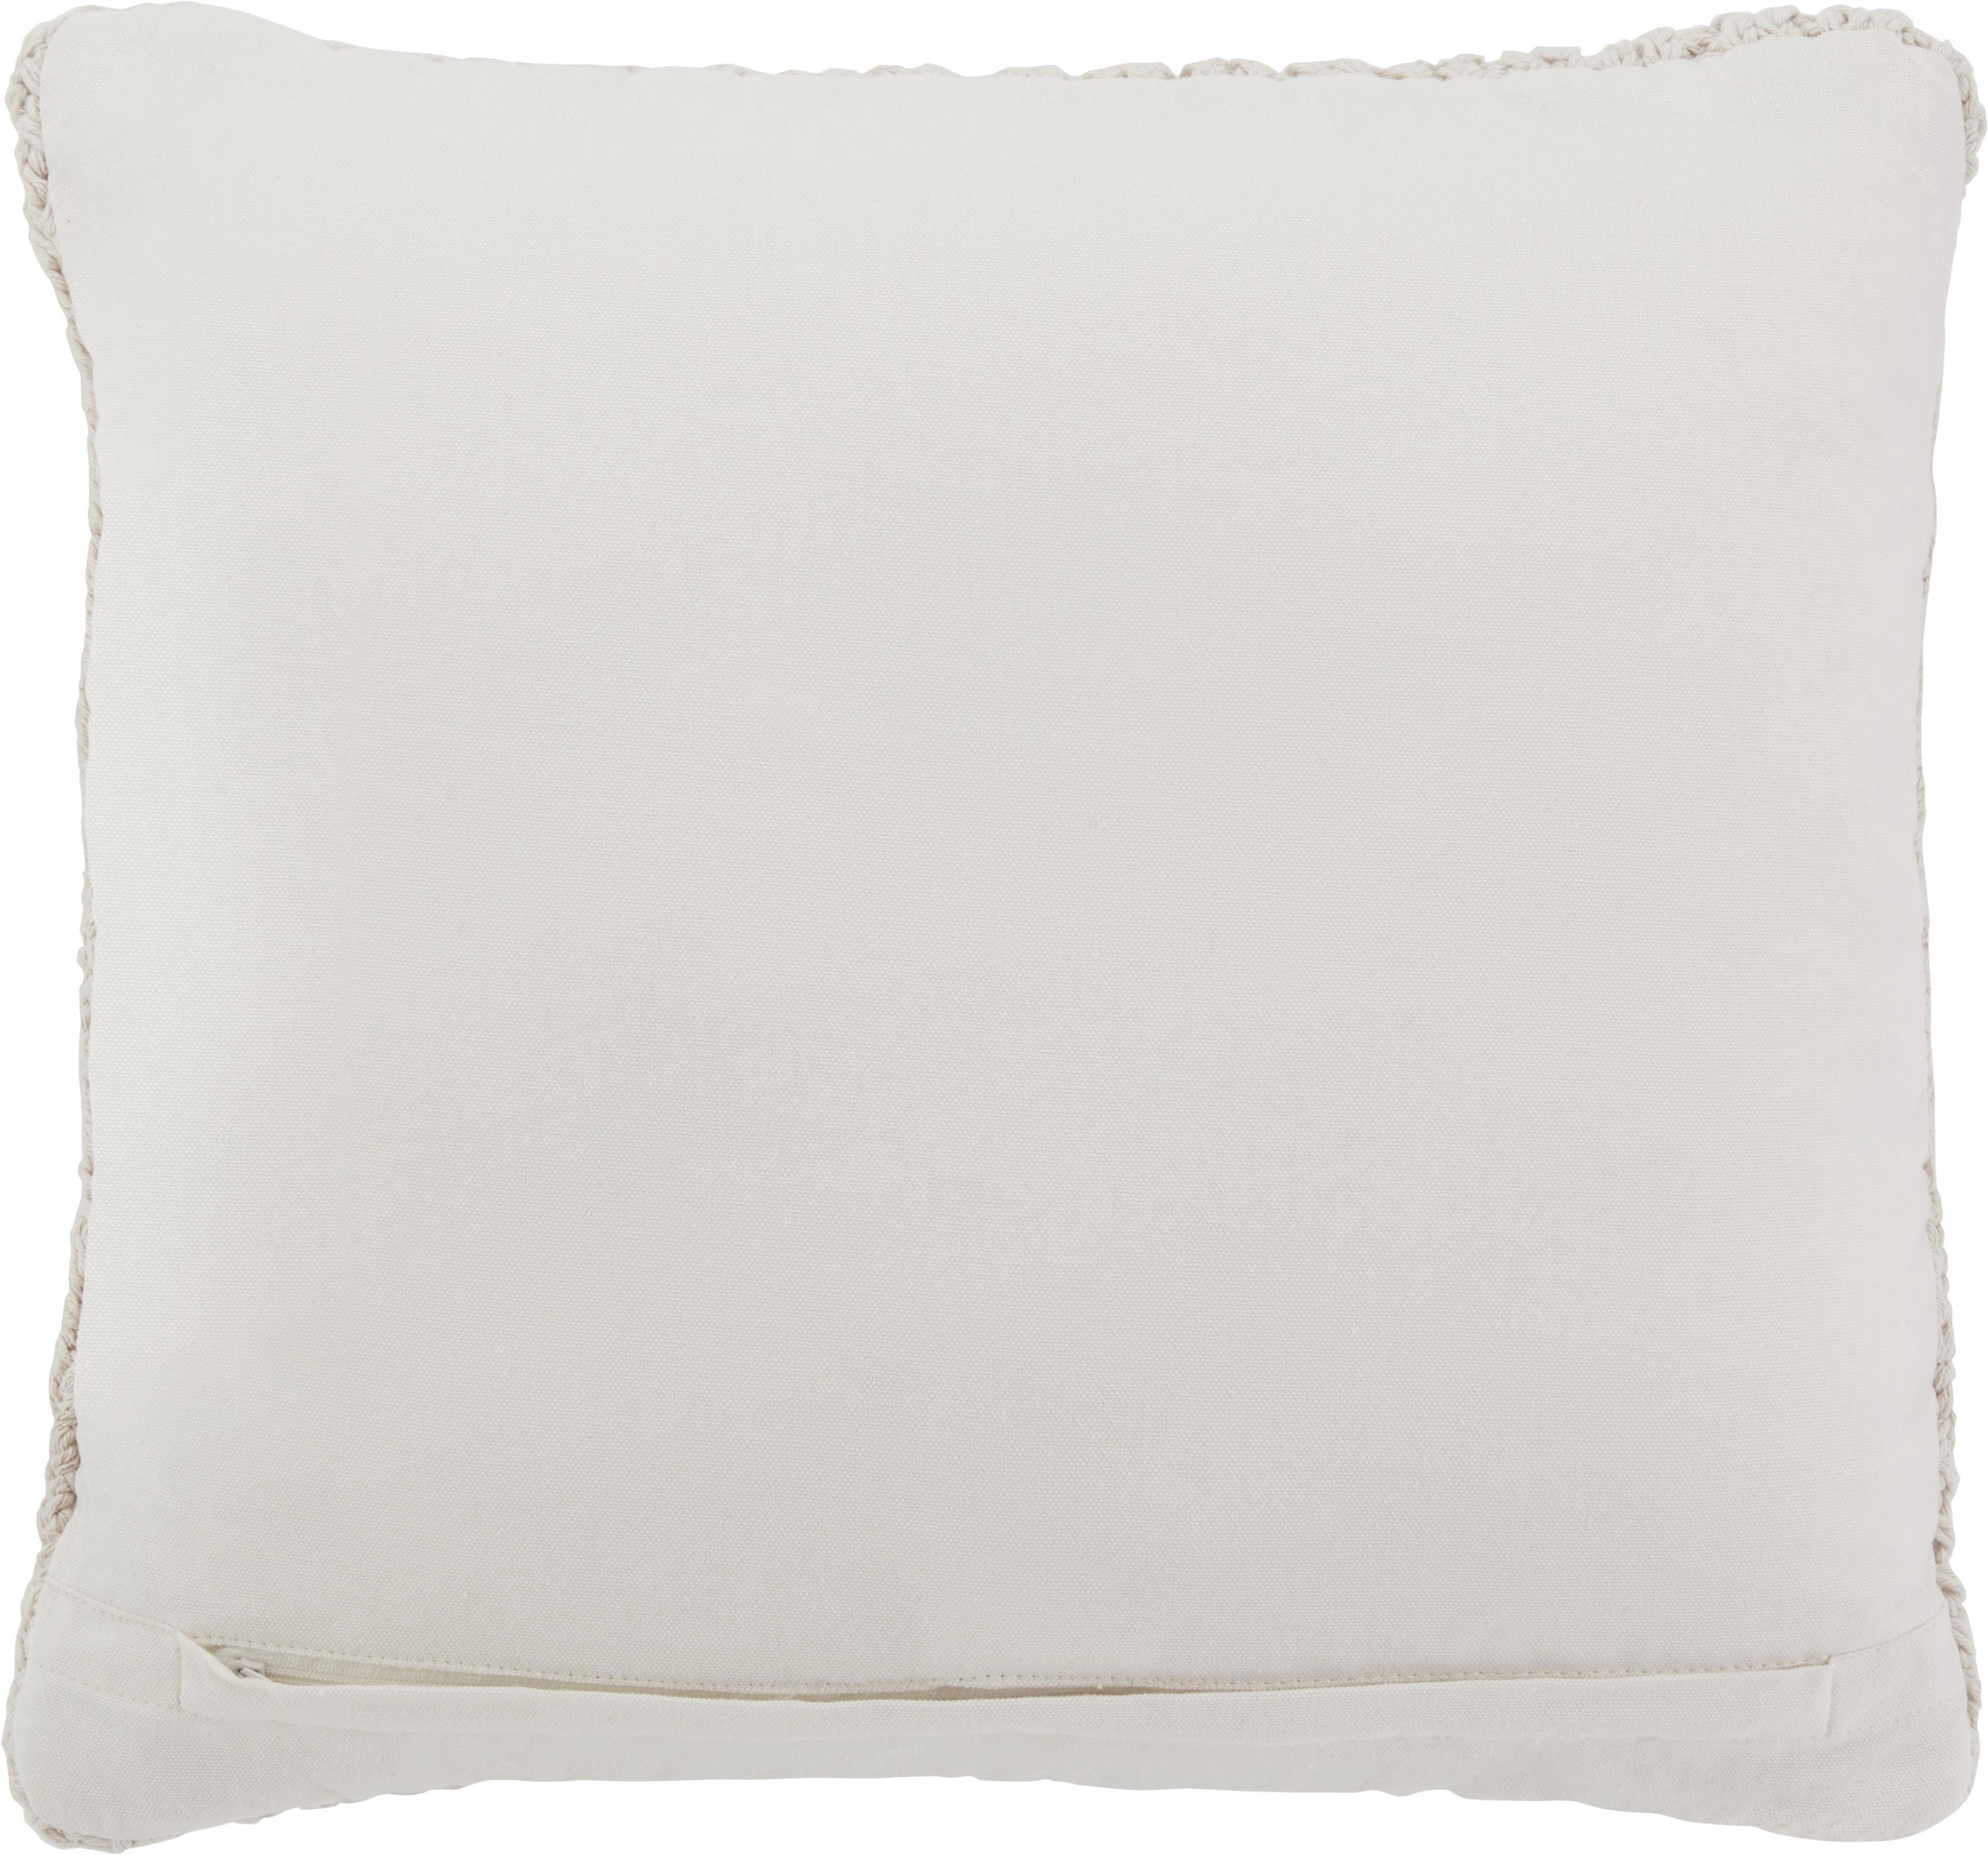 Zierkissen Esra 45x45cm - Naturfarben, MODERN, Textil (45/45cm)